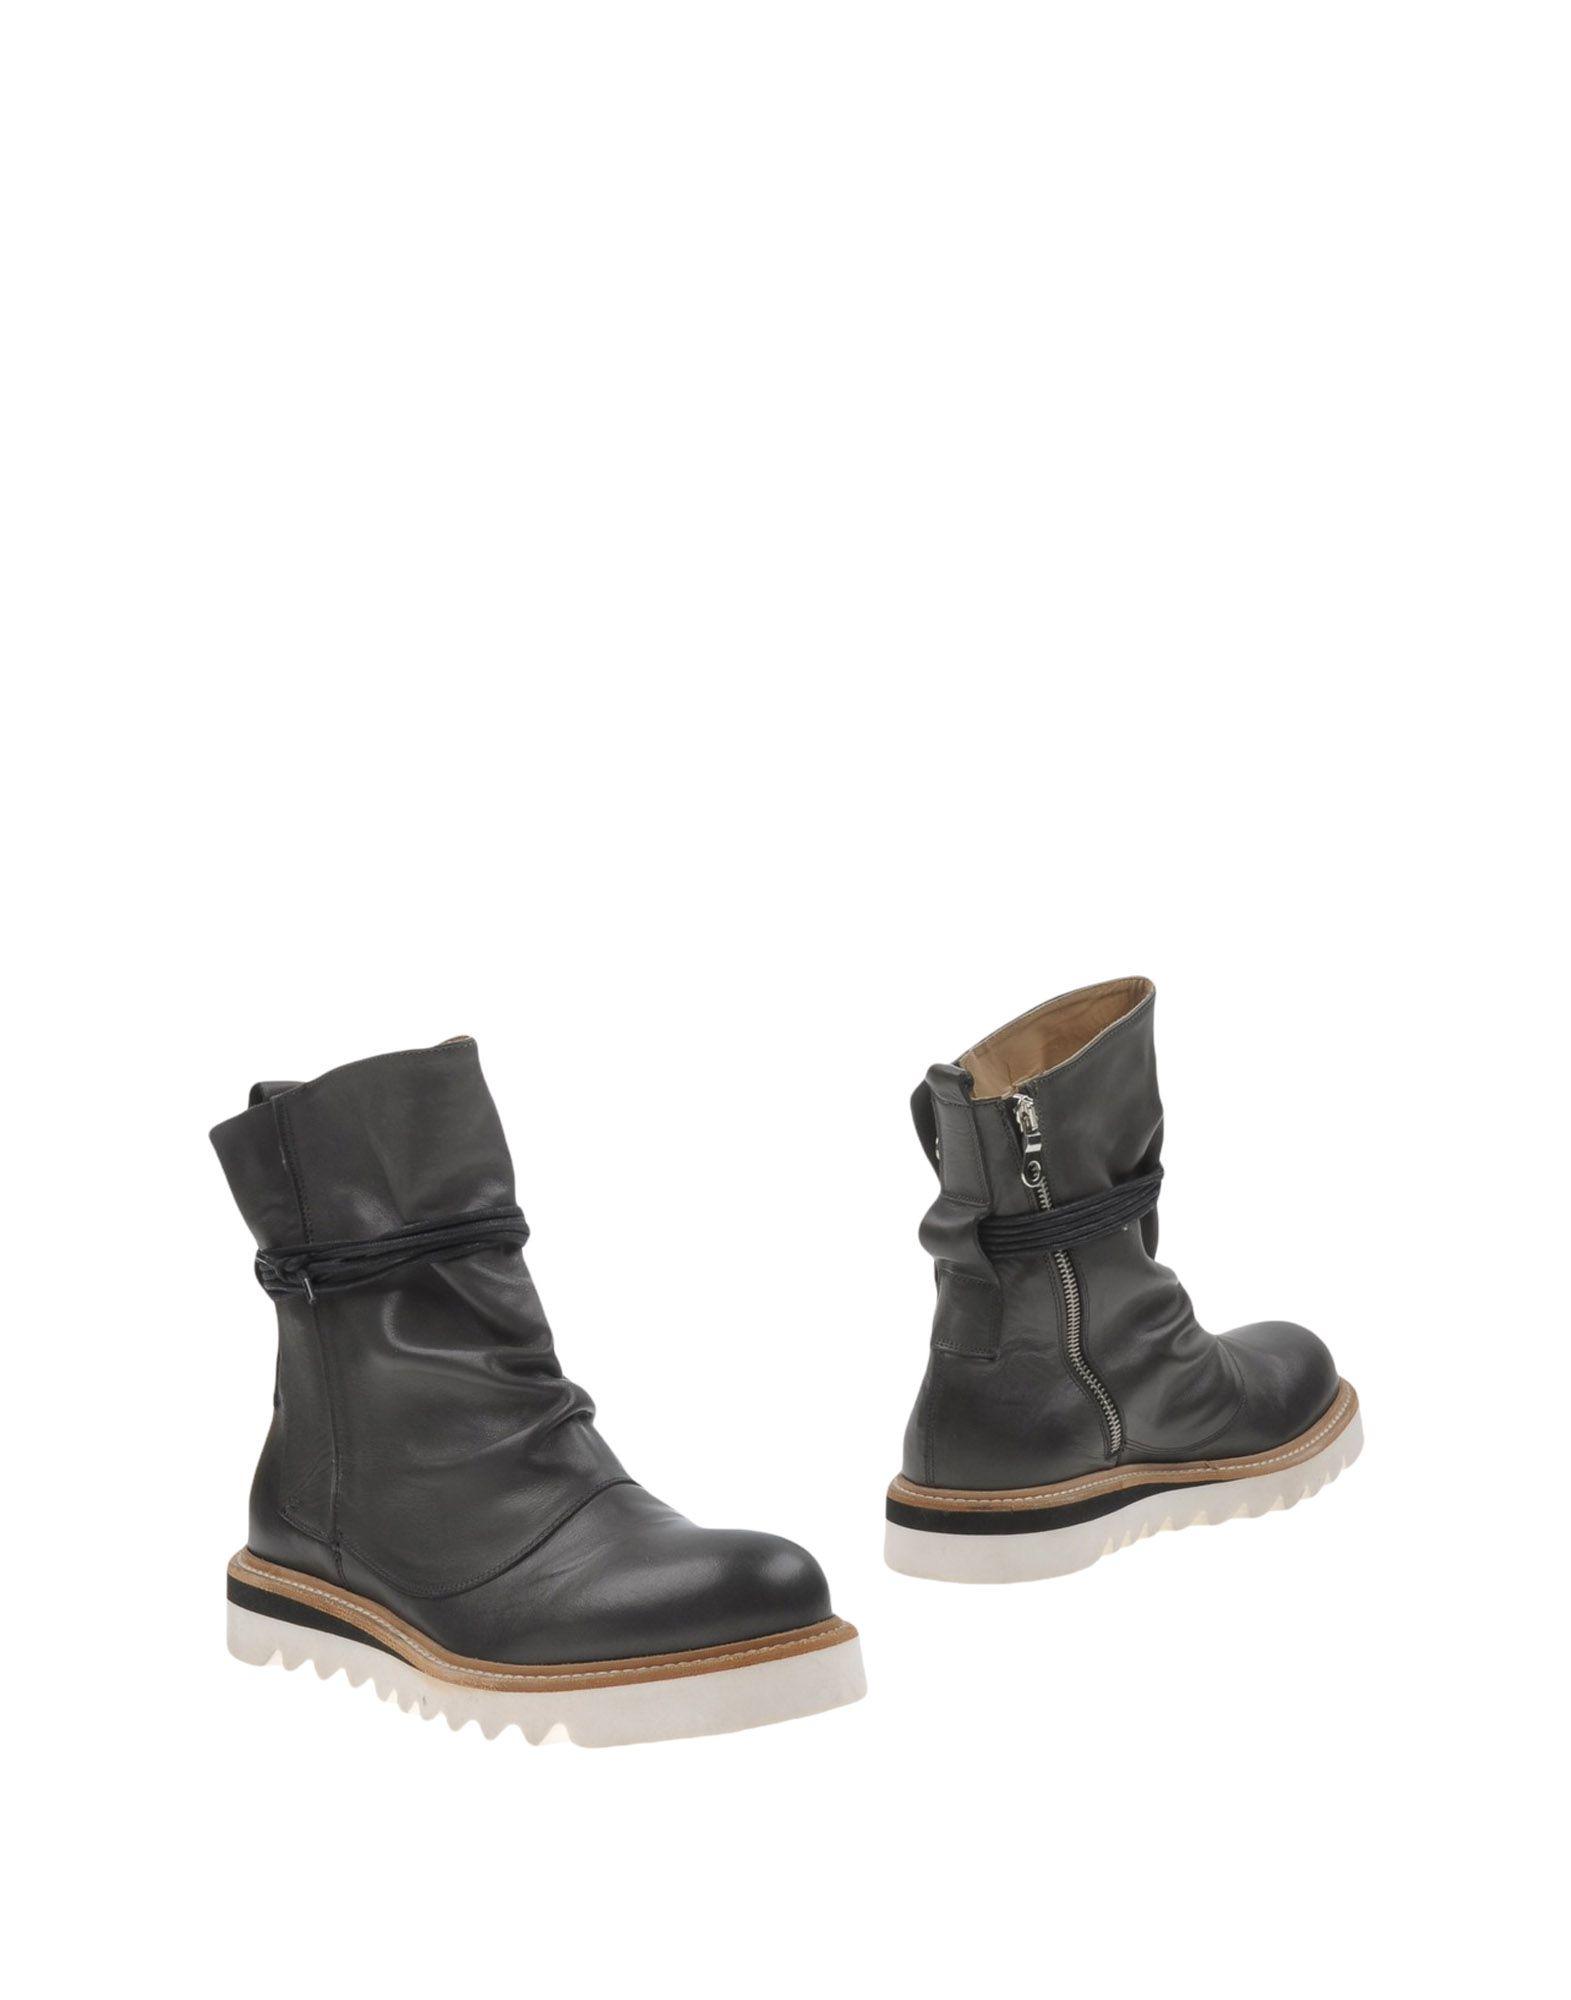 Sneakers Pony Donna - 11470637EO Scarpe economiche e buone